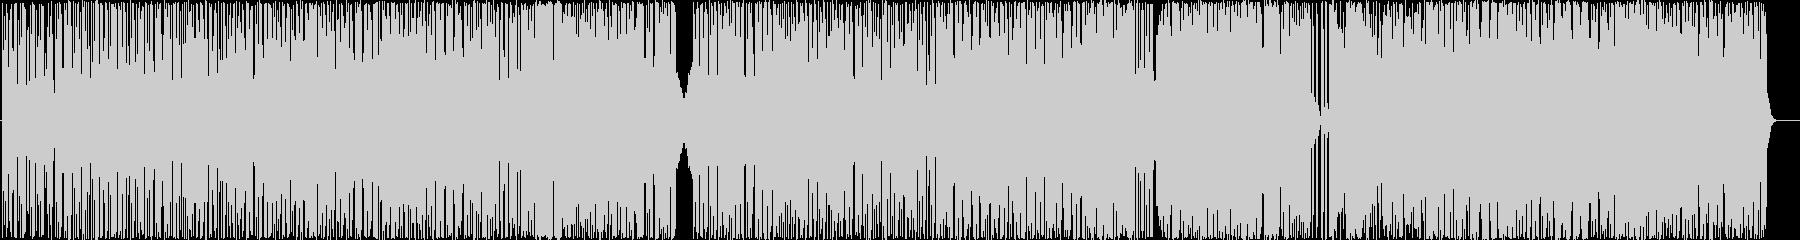 ニューエイジ、スムースジャズ、ピア...の未再生の波形